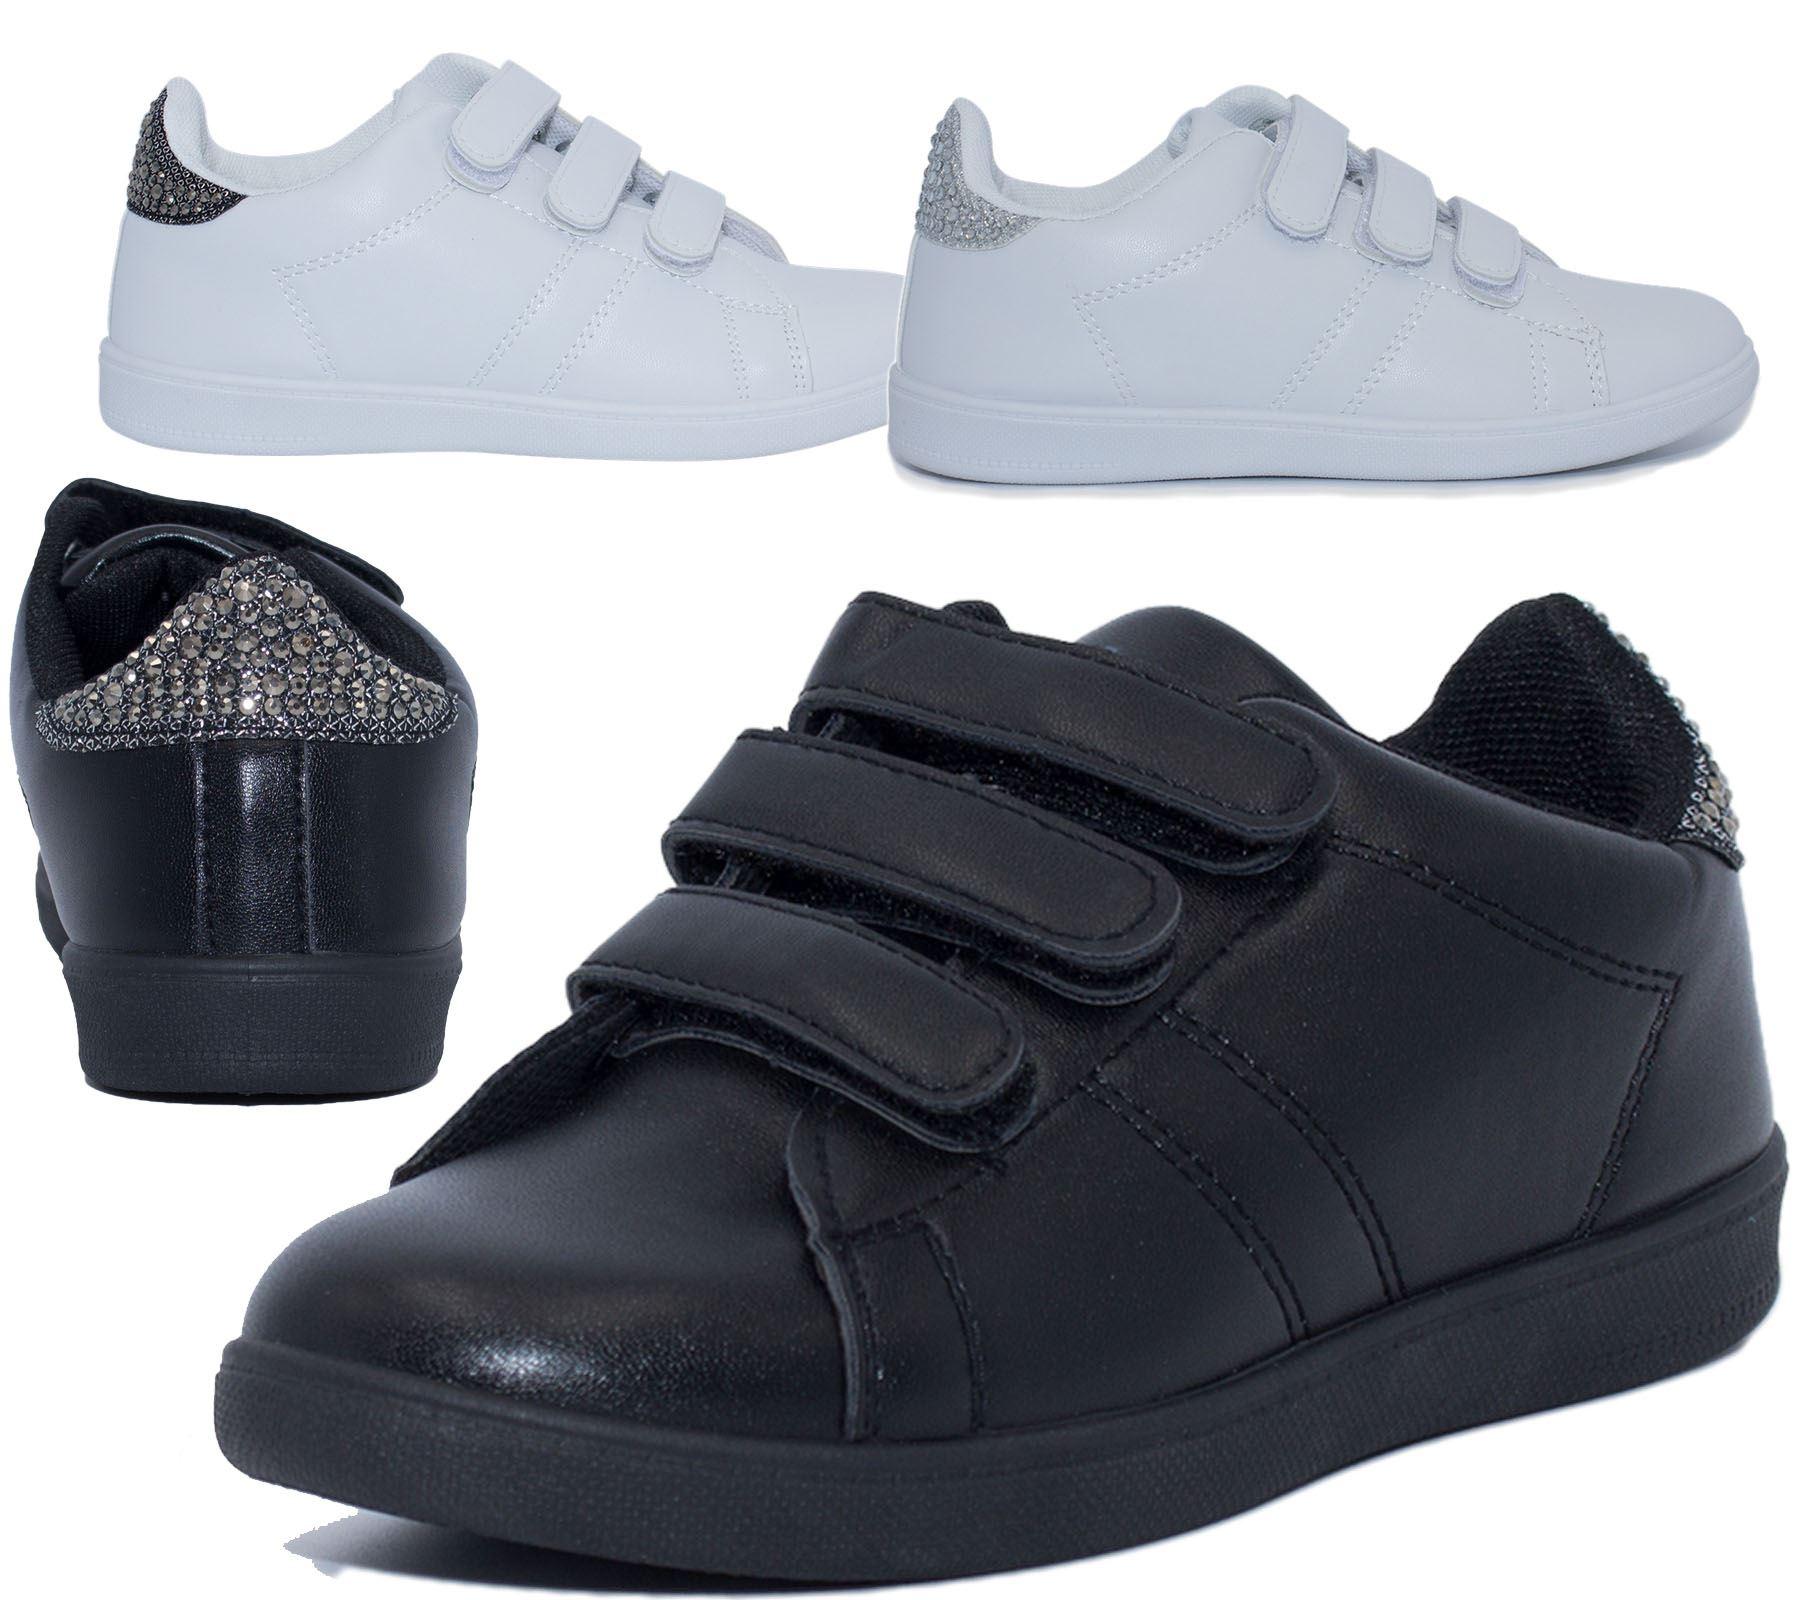 Details zu Schuhe Mädchen Schule Schwarz Trainer Dimente Pe Laufen Leicht Neu Größe